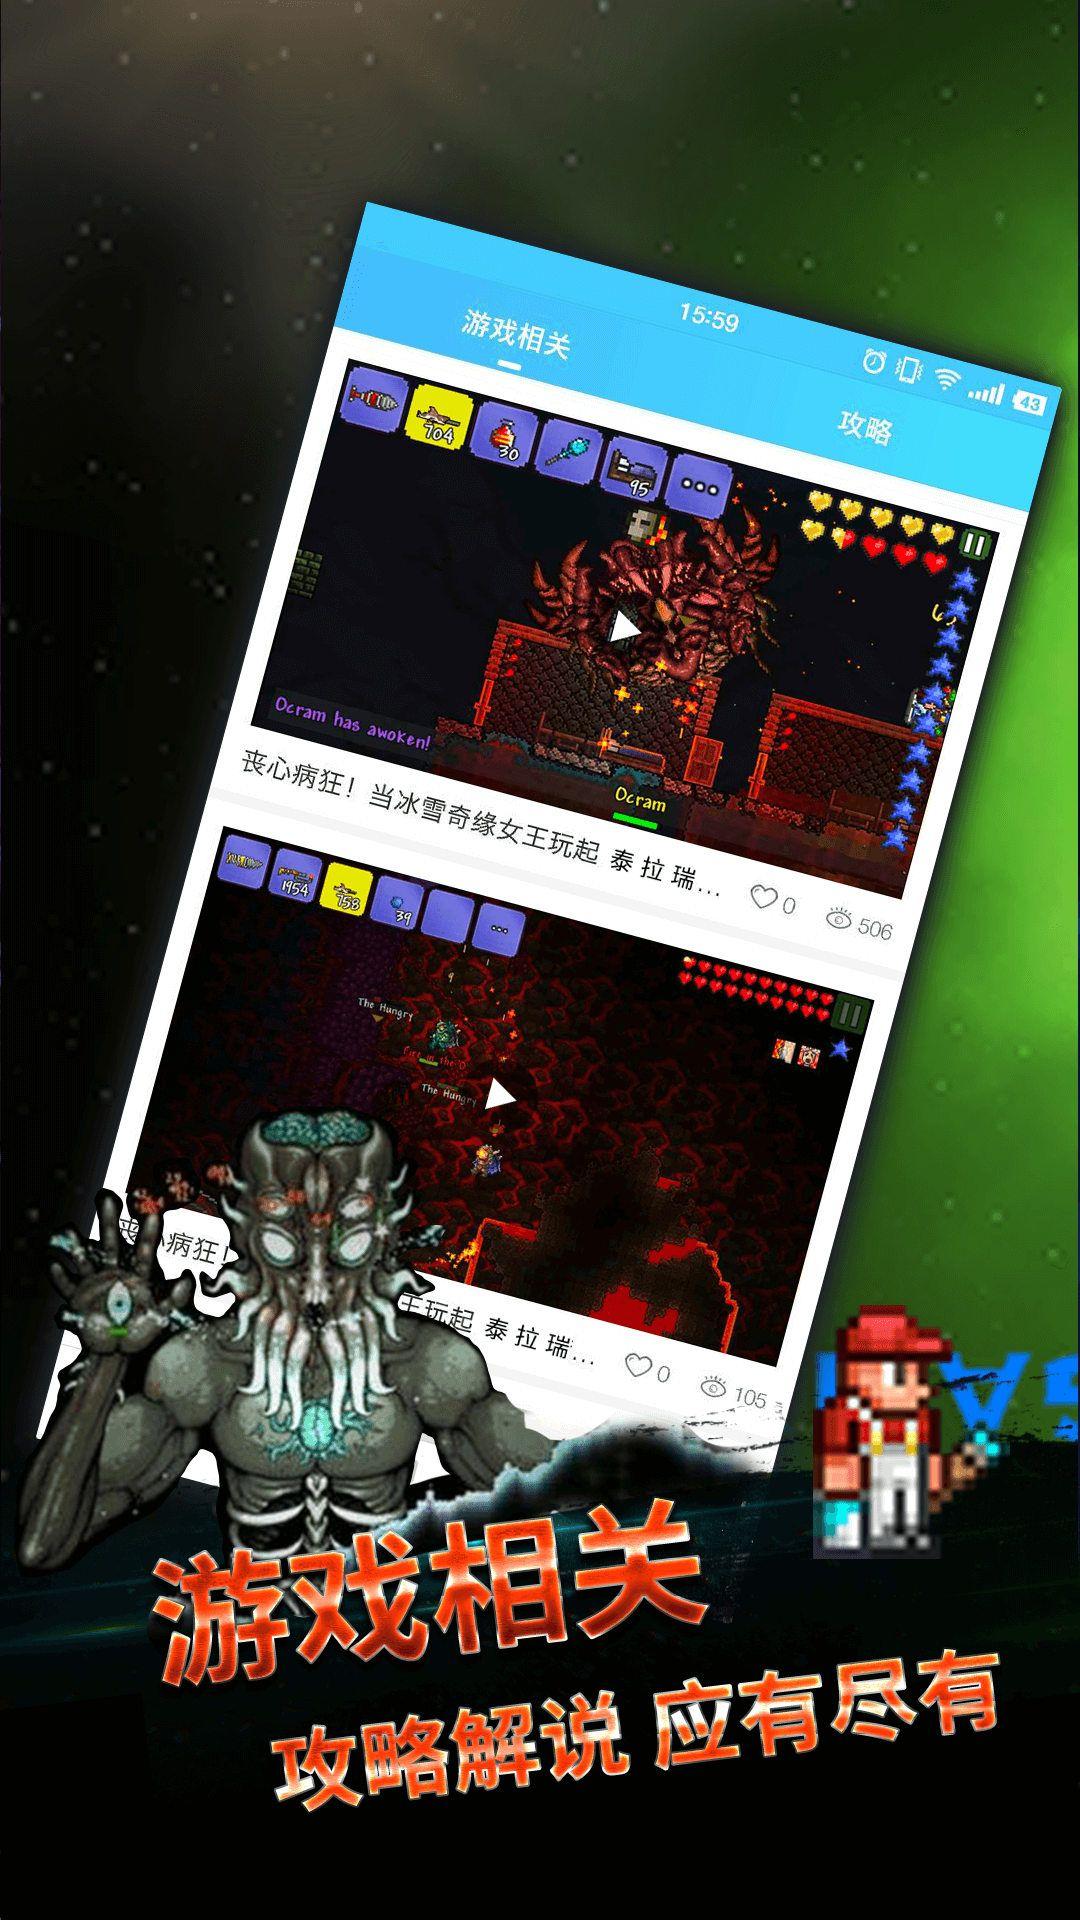 泰拉瑞亚启动器下载汉化手机版图3: